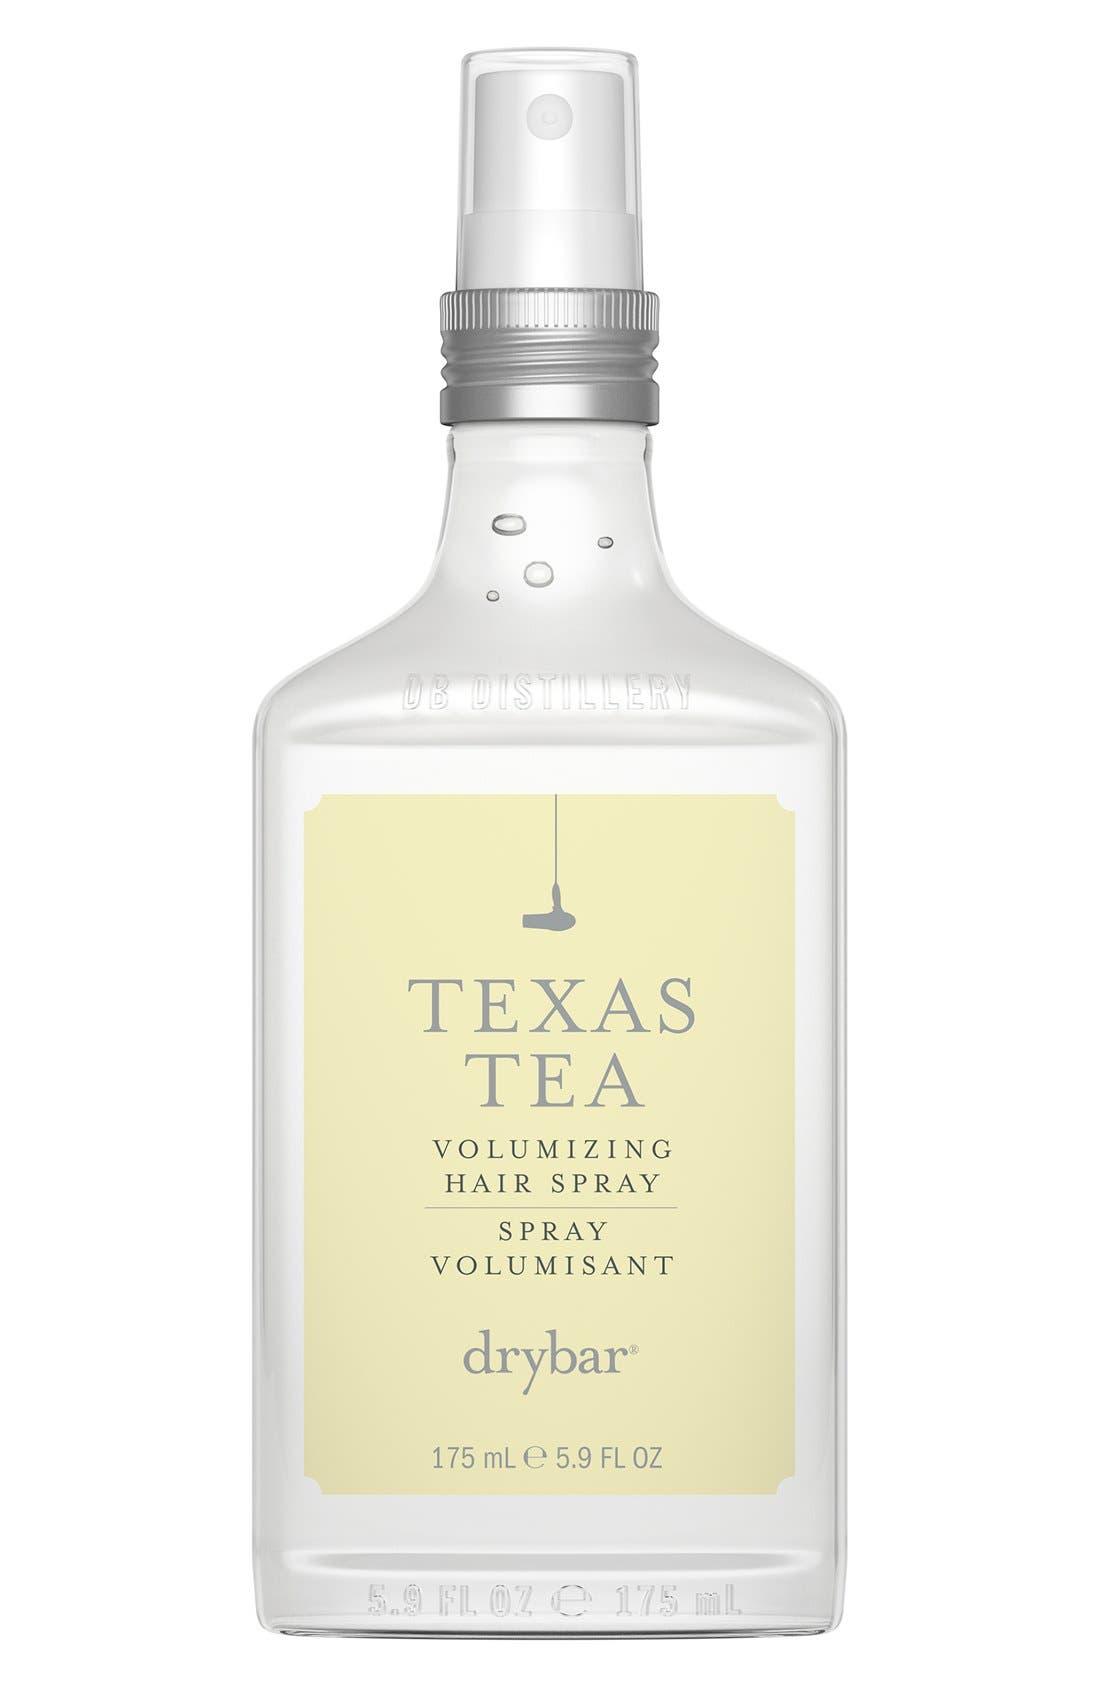 Drybar 'Texas Tea' Volumizing Hair Spray